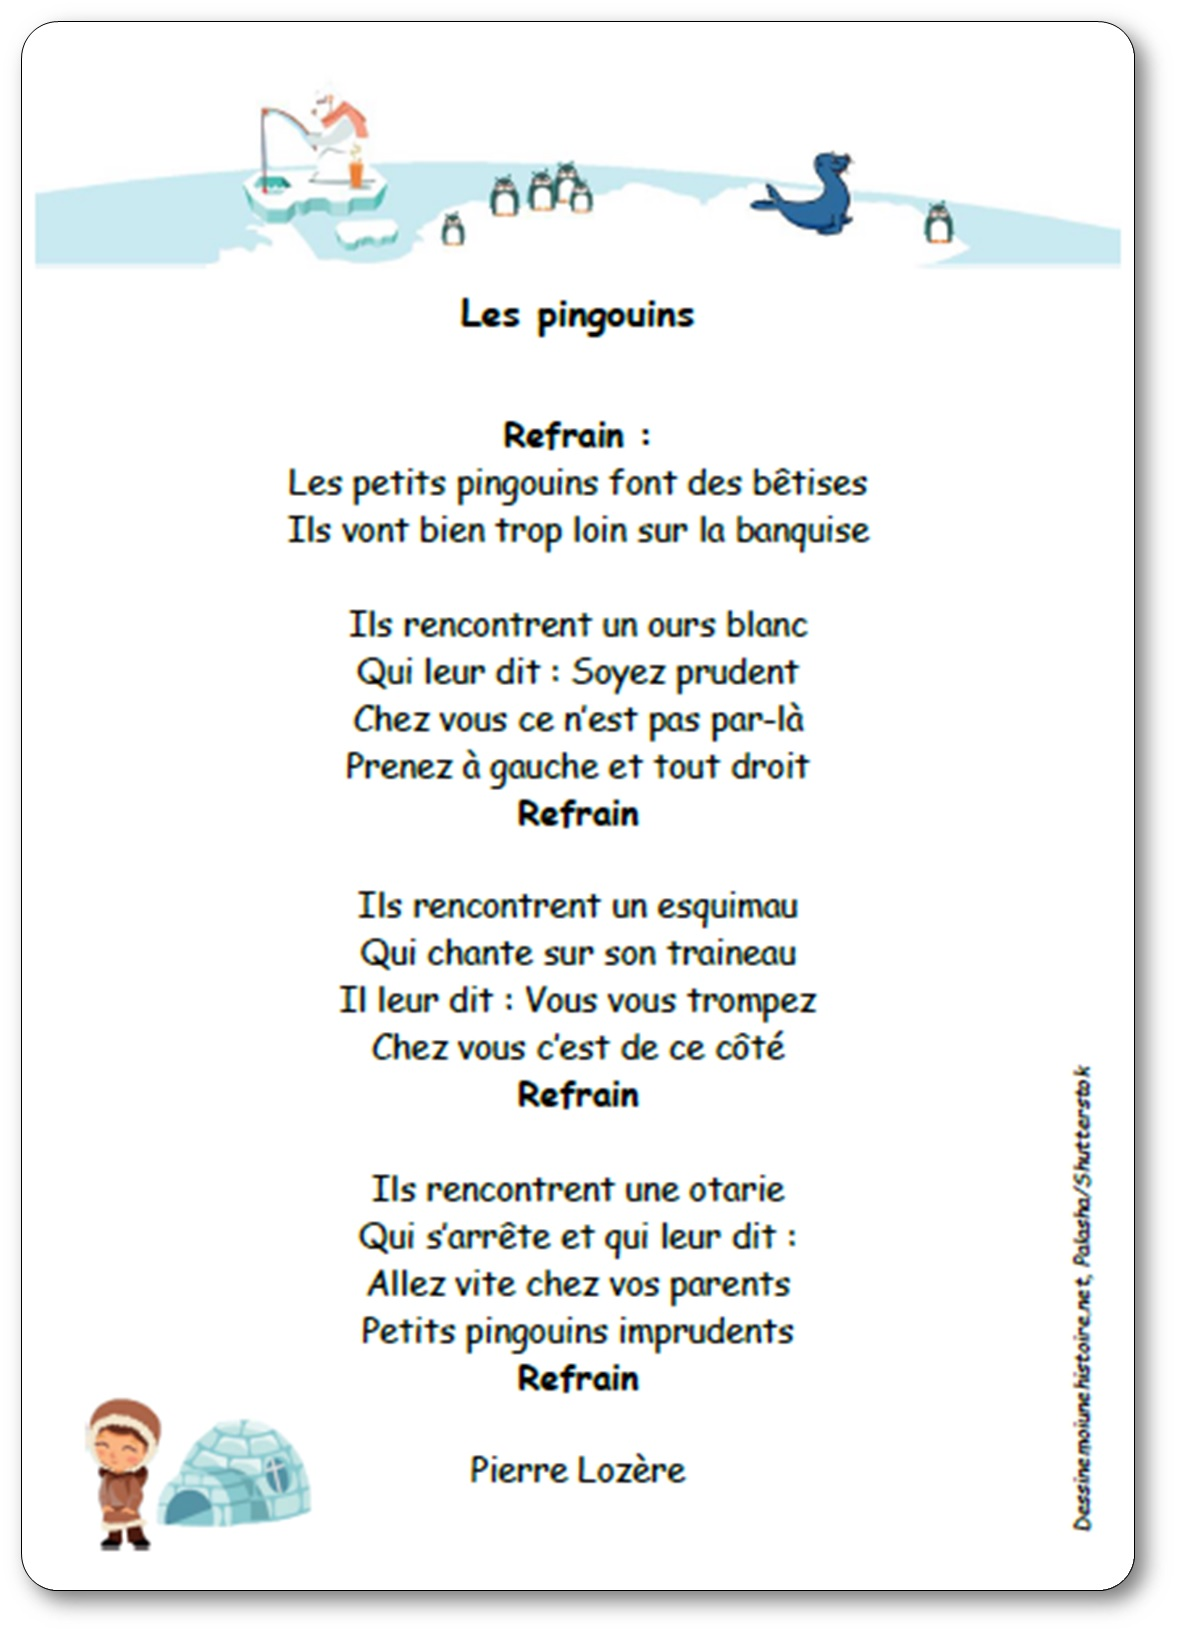 Chanson les pingouins de Pierre Lozère, les petits pingouins font des bêtises, chanson pingouin banquise